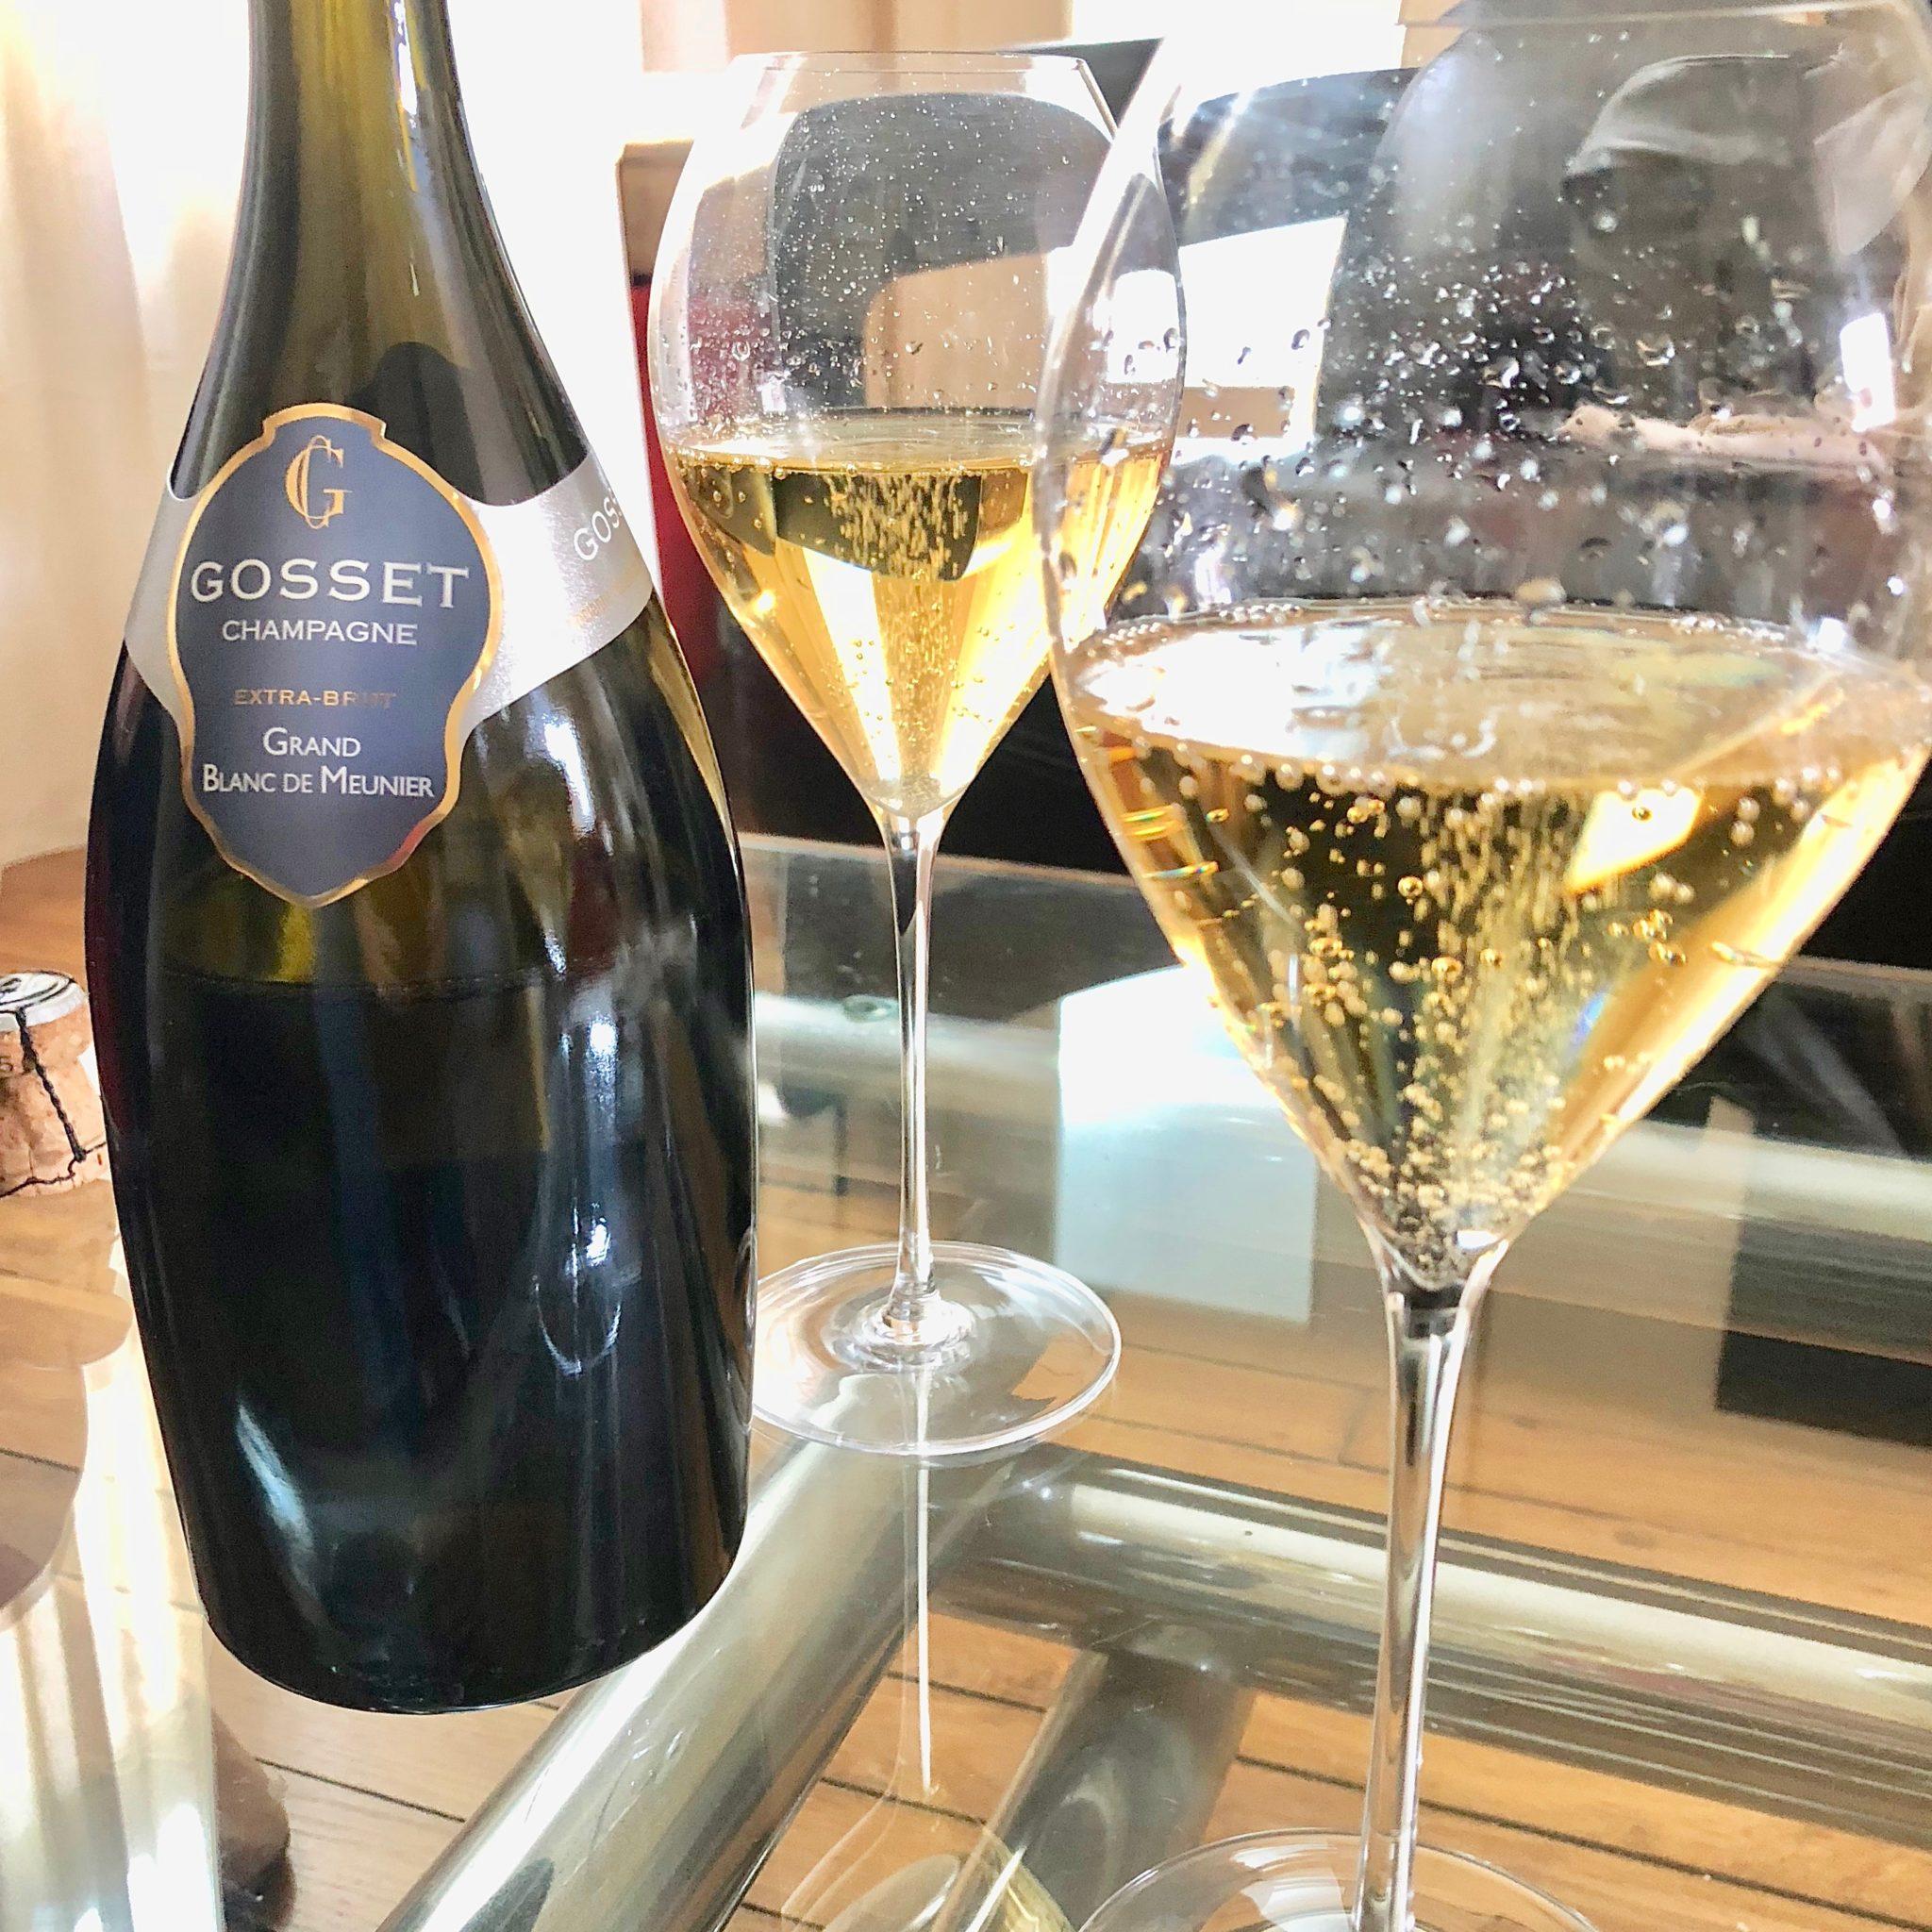 Un Blanc de Meunier élaboré par la maison de champagne Gosset complète la trilogie des cépages.